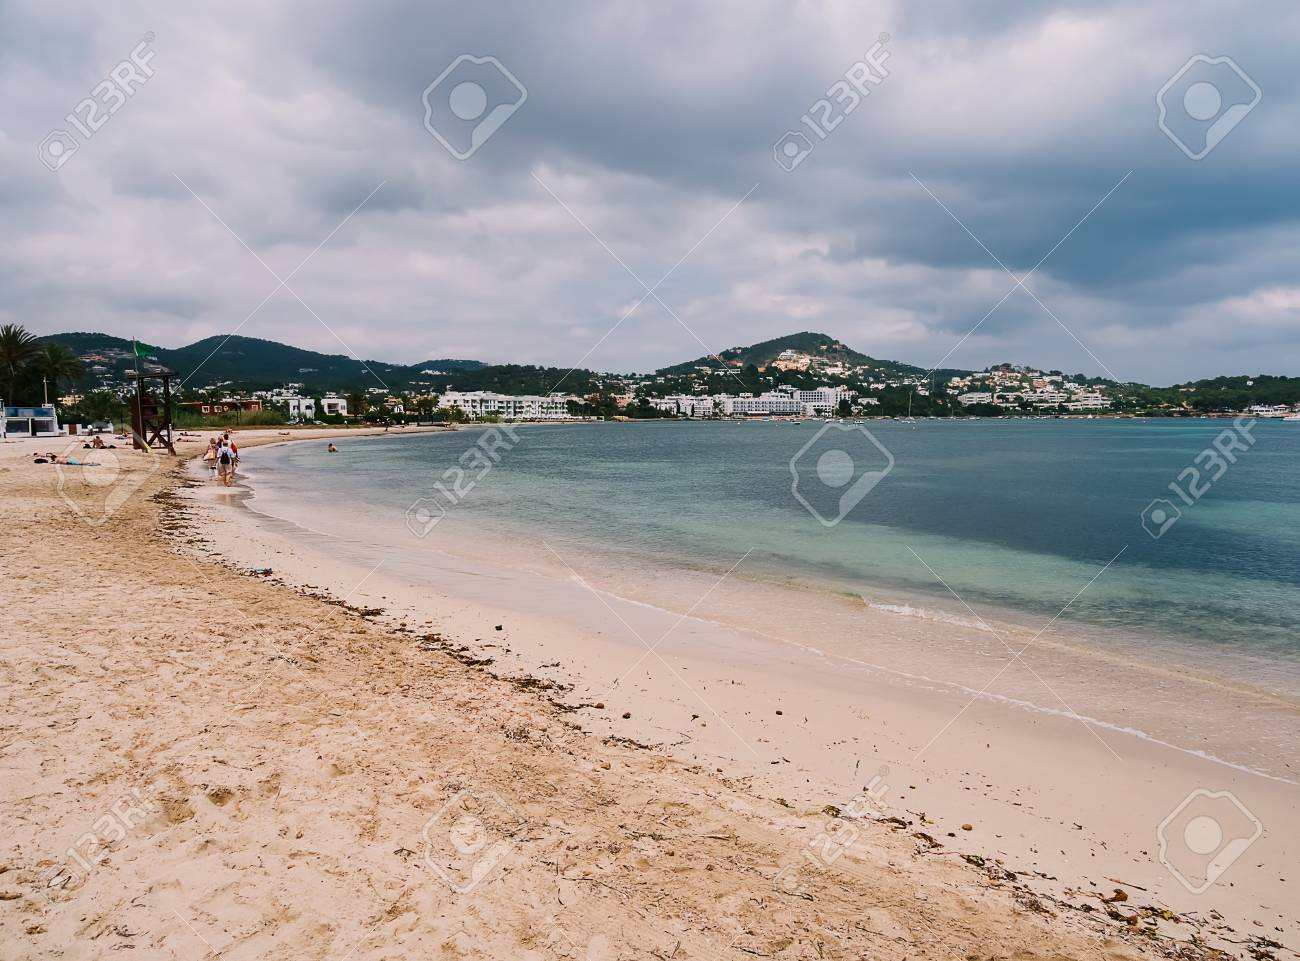 Talamanca beach, Ibiza island, Spain - 105749203